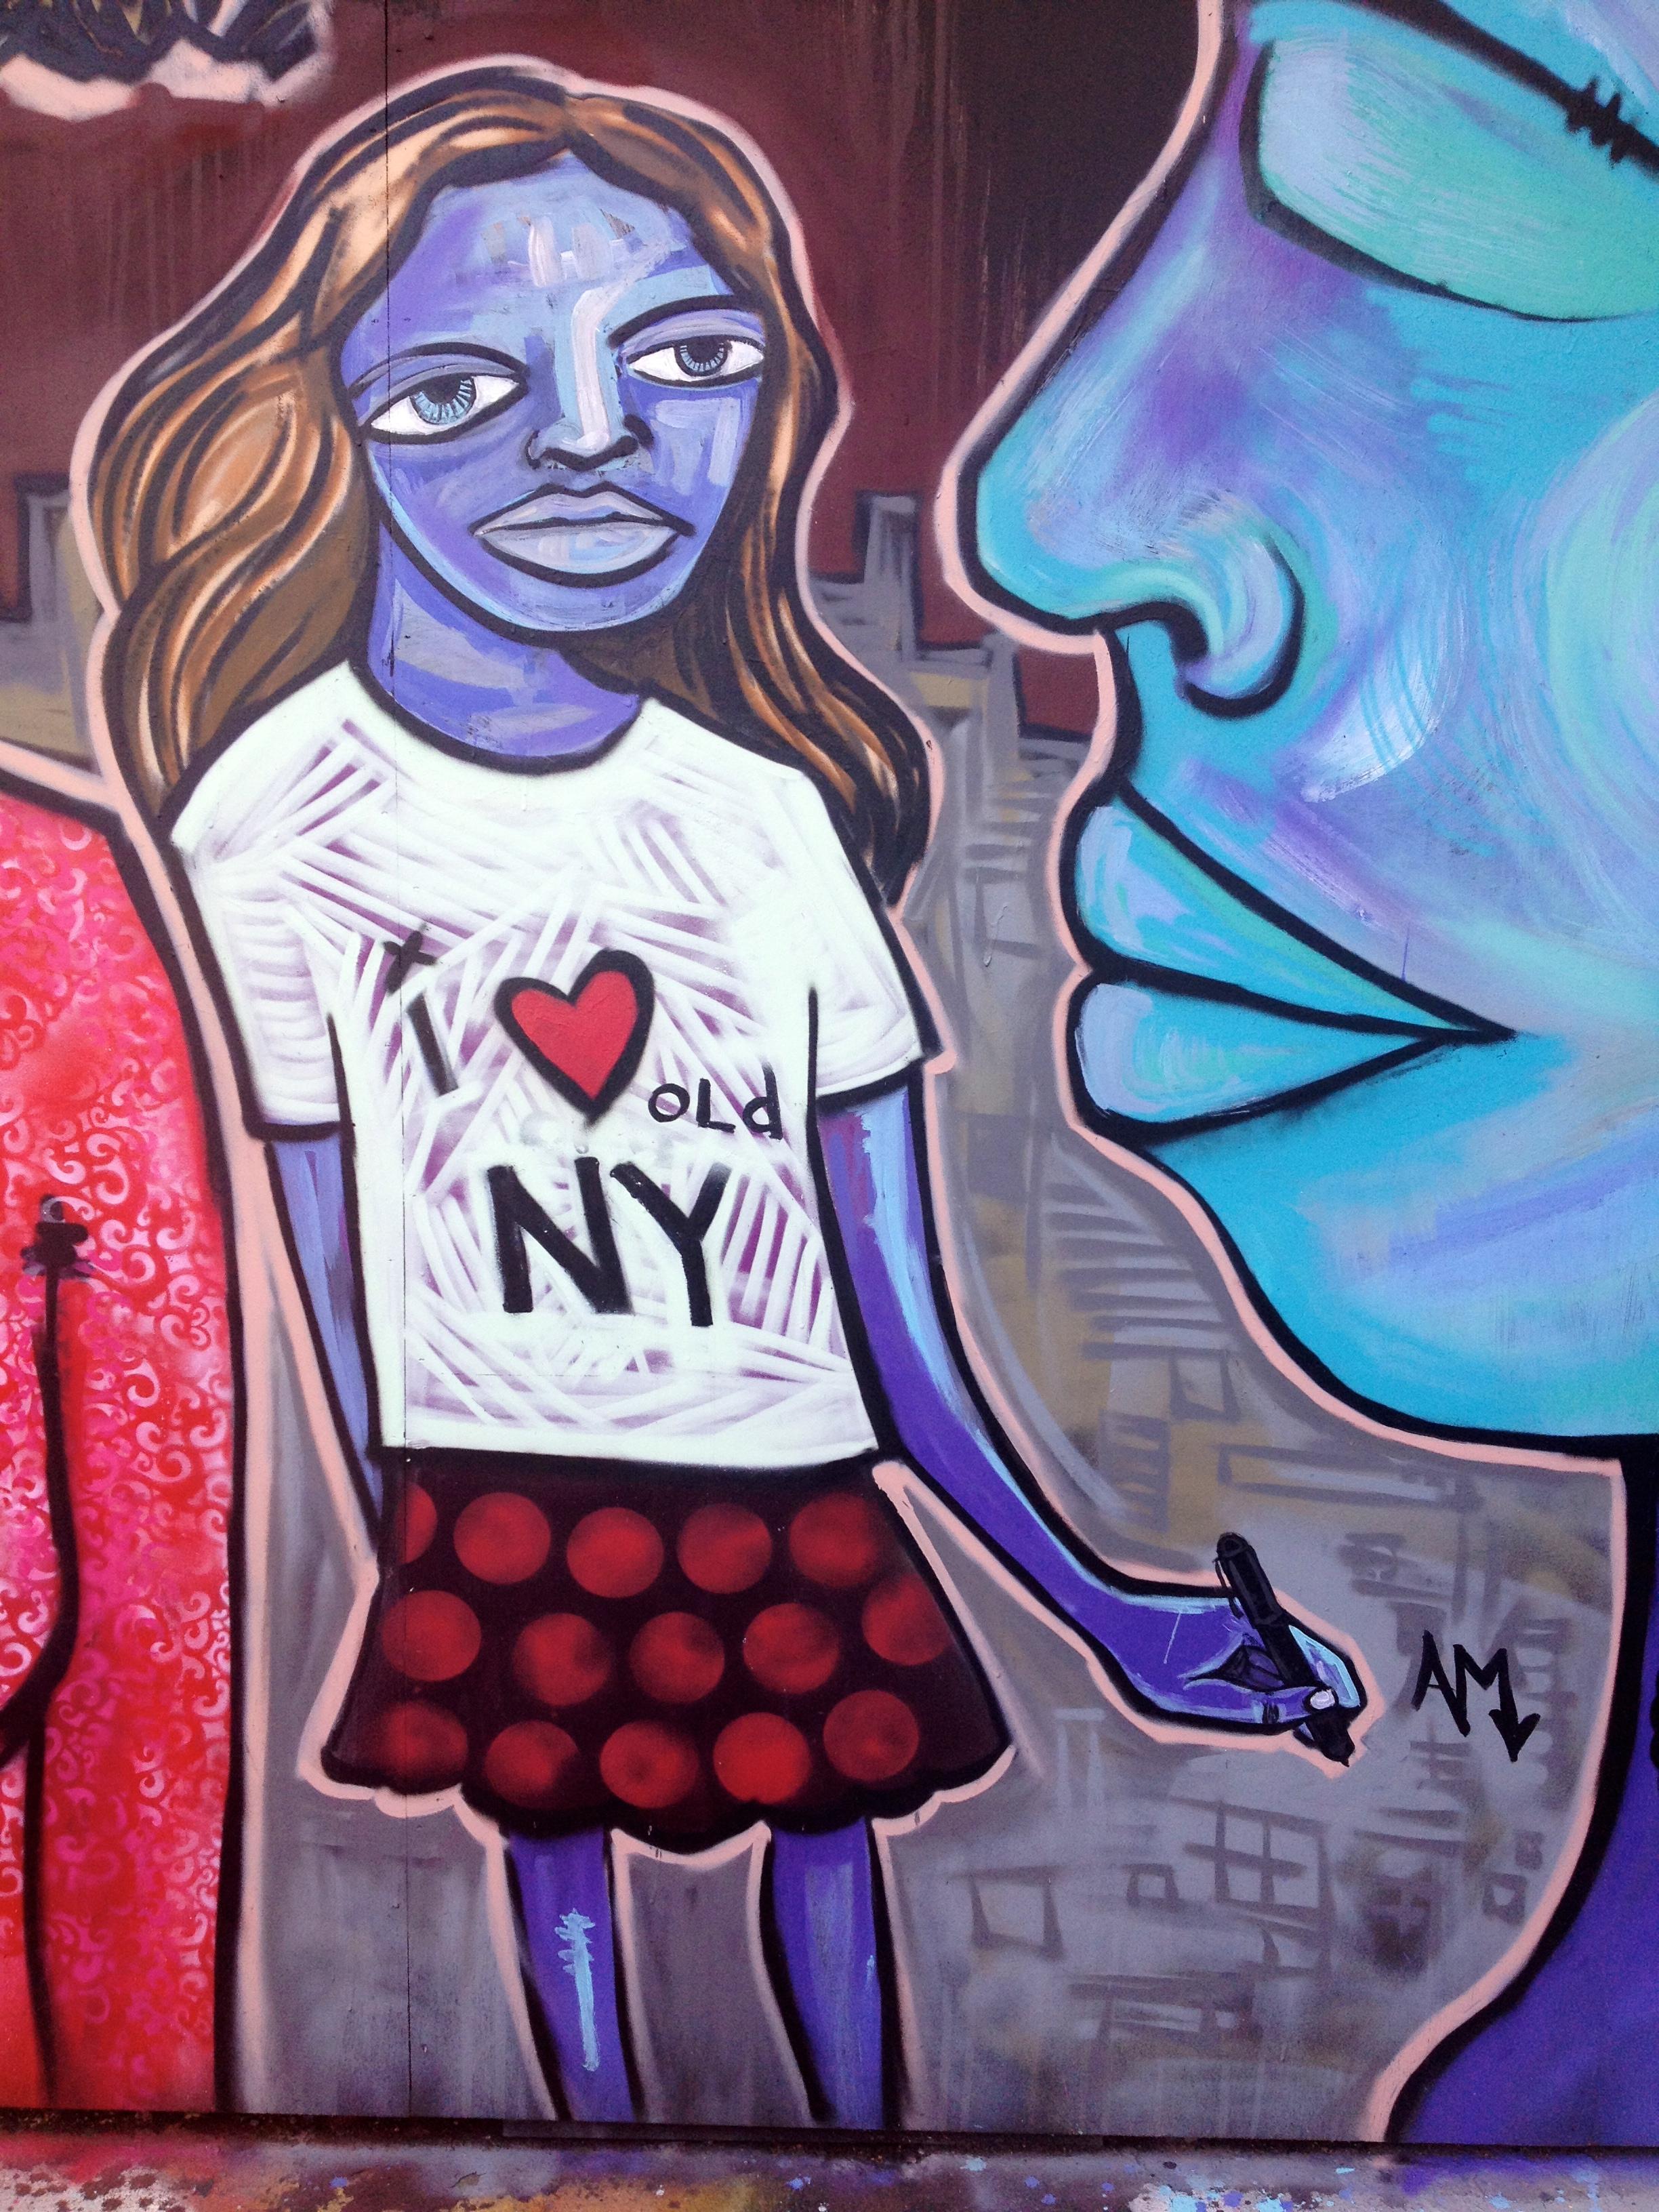 I <3 old NY | 5 Pointz | Queens